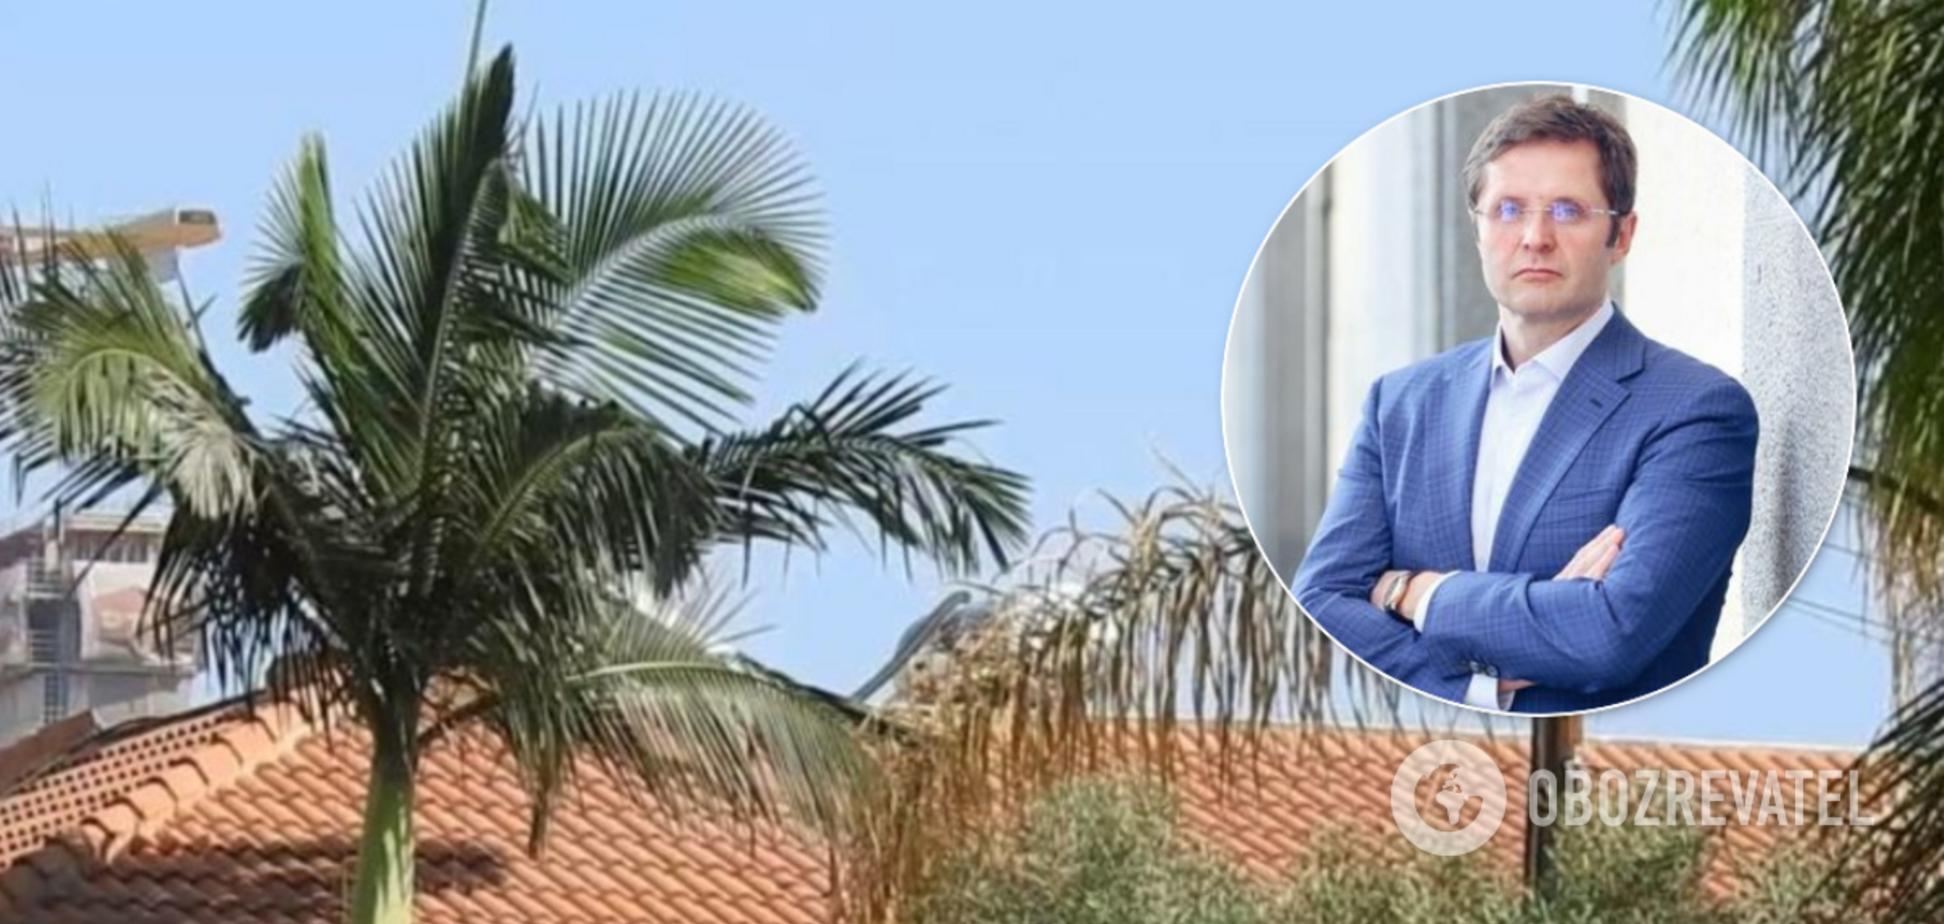 'Слуга народа' Холодов сбежал на Кипр от коронавируса